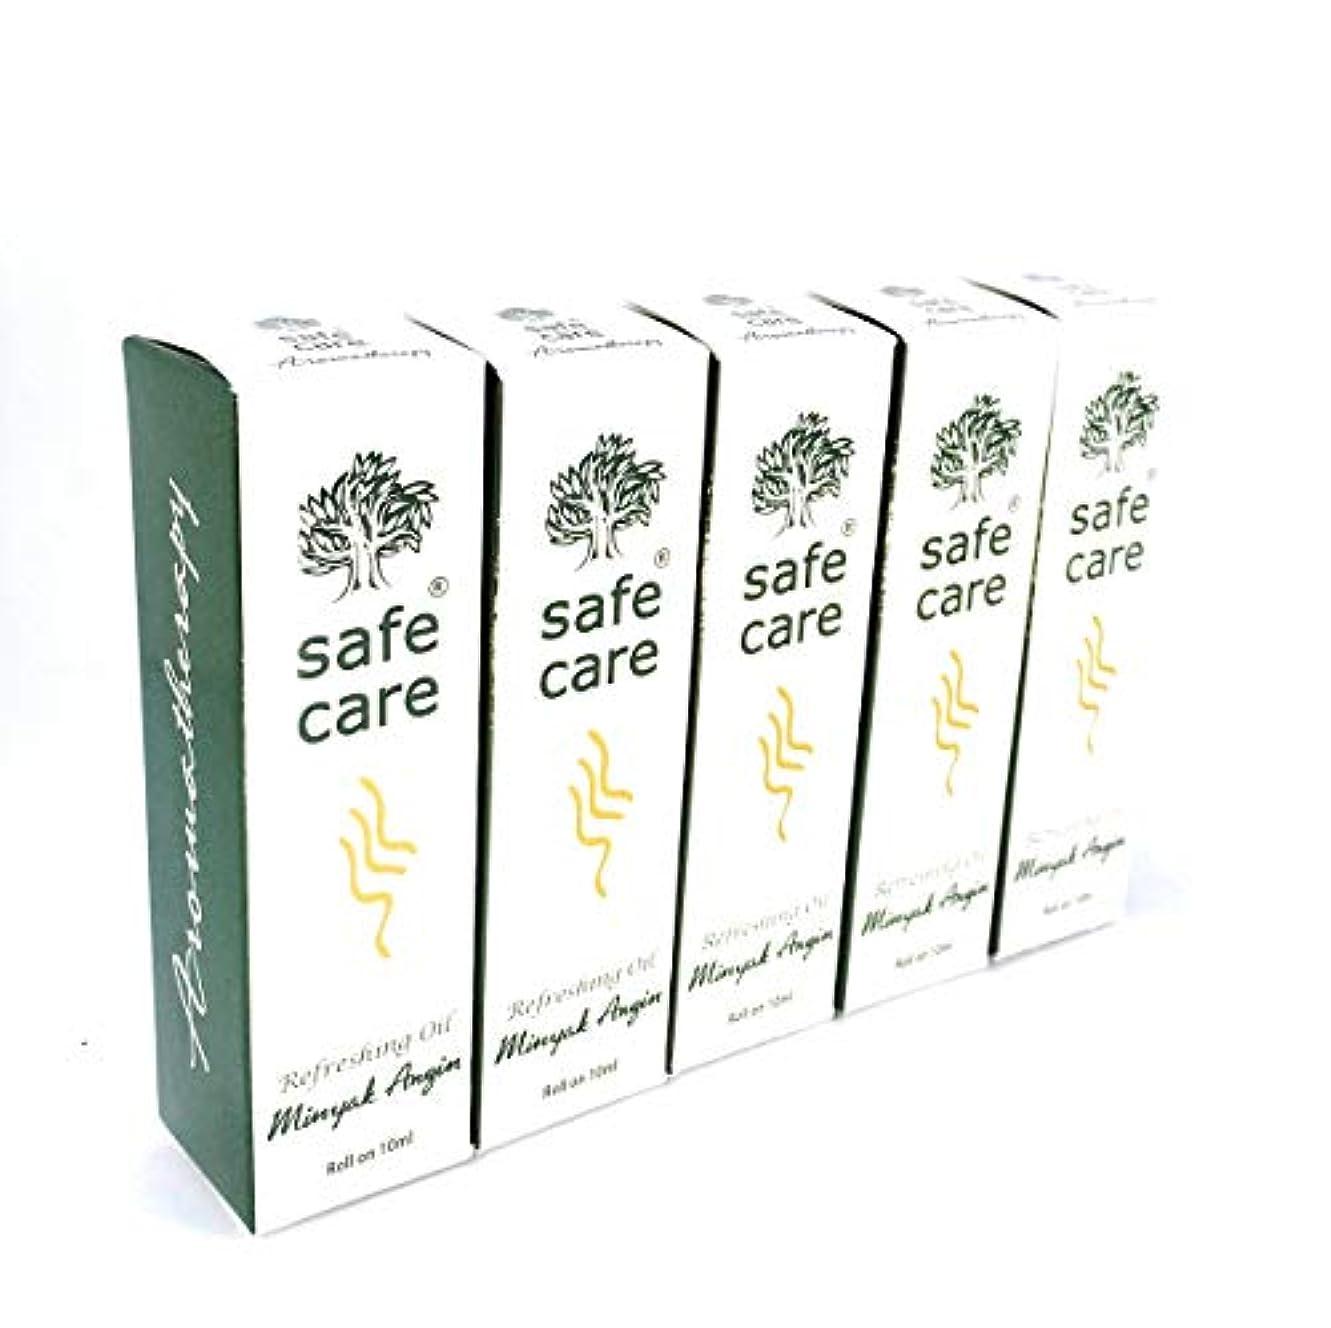 うっかりできればスポーツSafe Care セイフケア Aromatherapy Refreshing Oil アロマテラピー リフレッシュオイル ロールオン 10ml × 5本セット [並行輸入品][海外直送品]